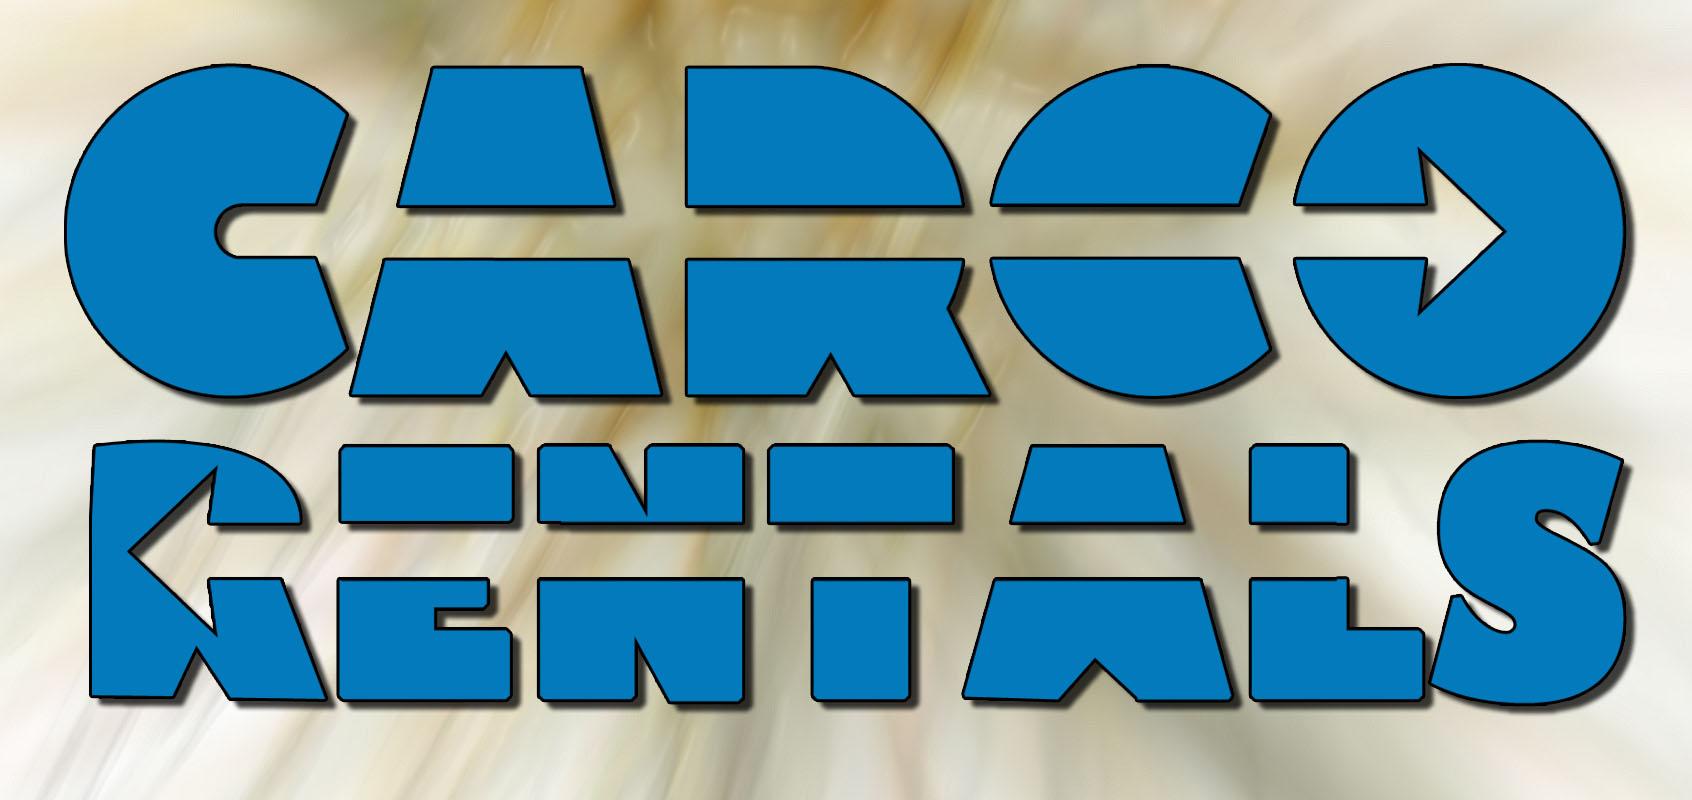 Carco Rentals Logo